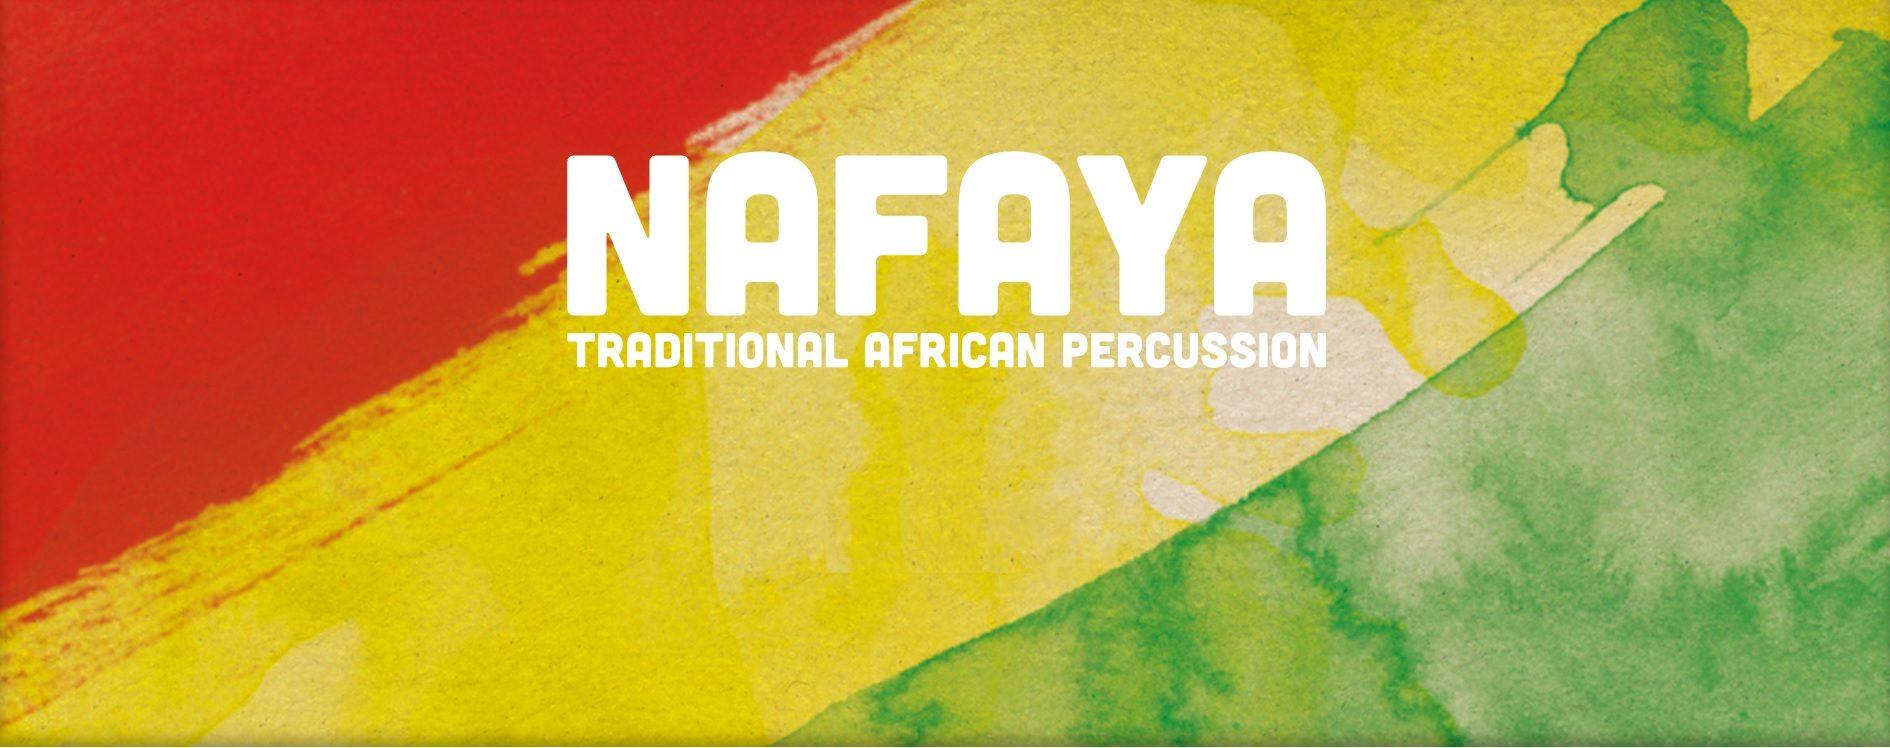 Nafaya